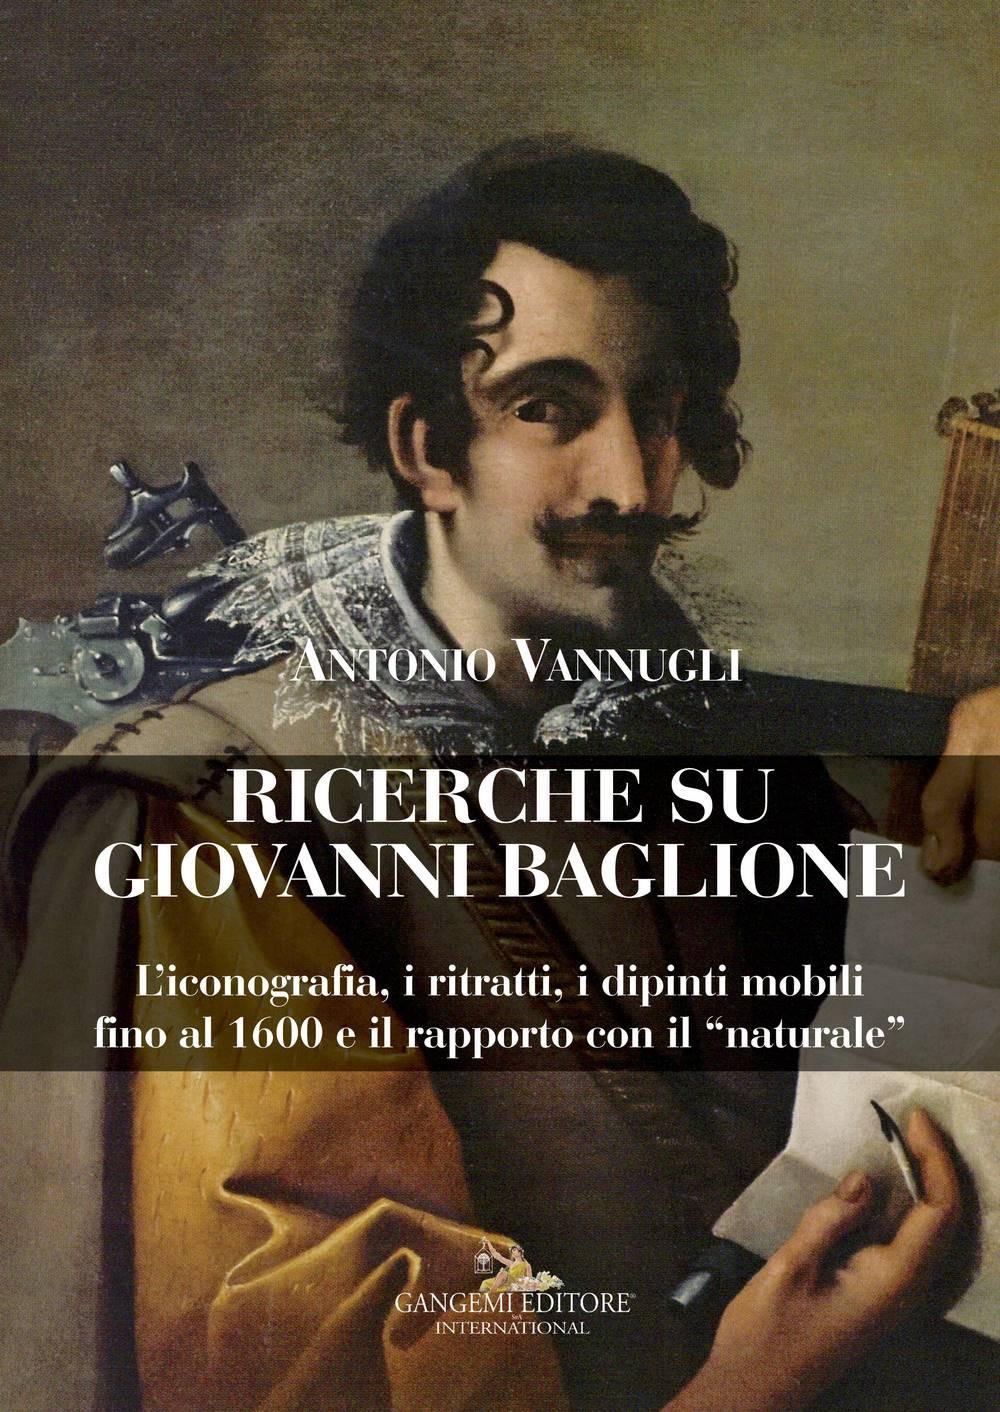 Ricerche su Giovanni Baglione. L'iconografia, i ritratti, i dipinti mobili fino al 1600 e il rapporto con il